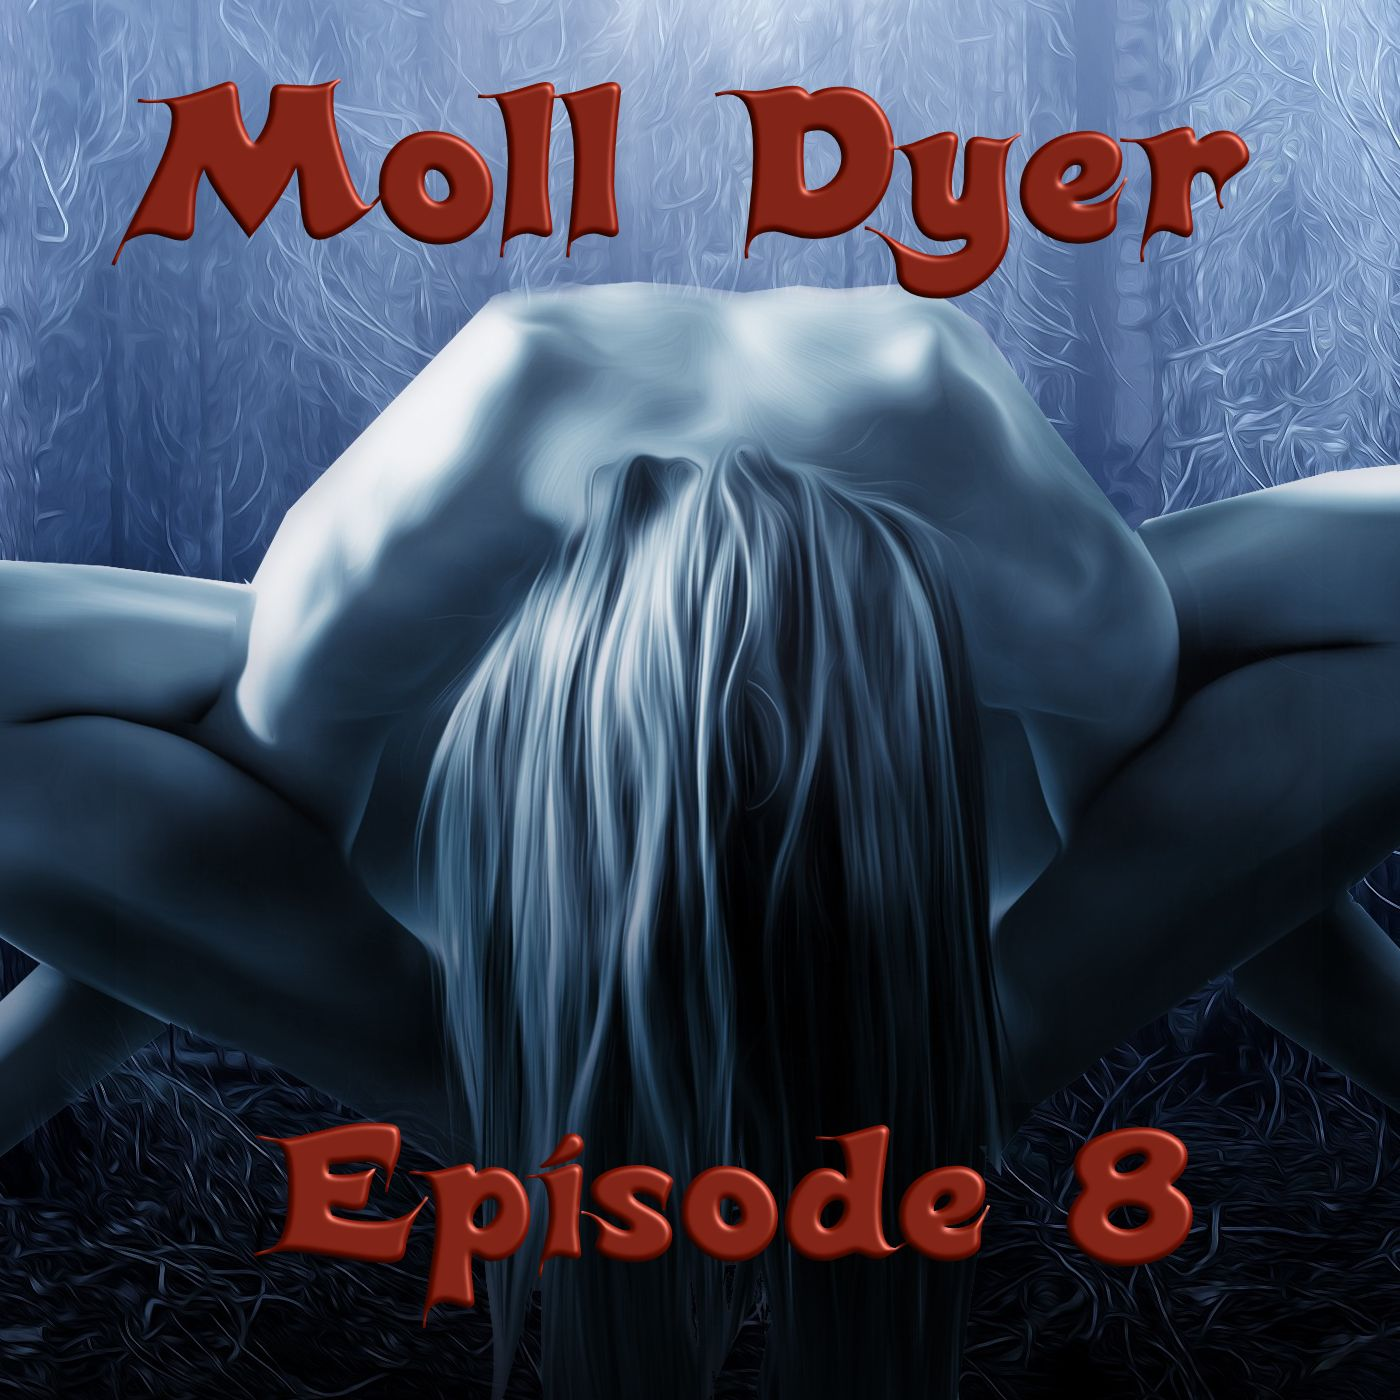 Fra den andre siden Episode 8. Moll Dyer